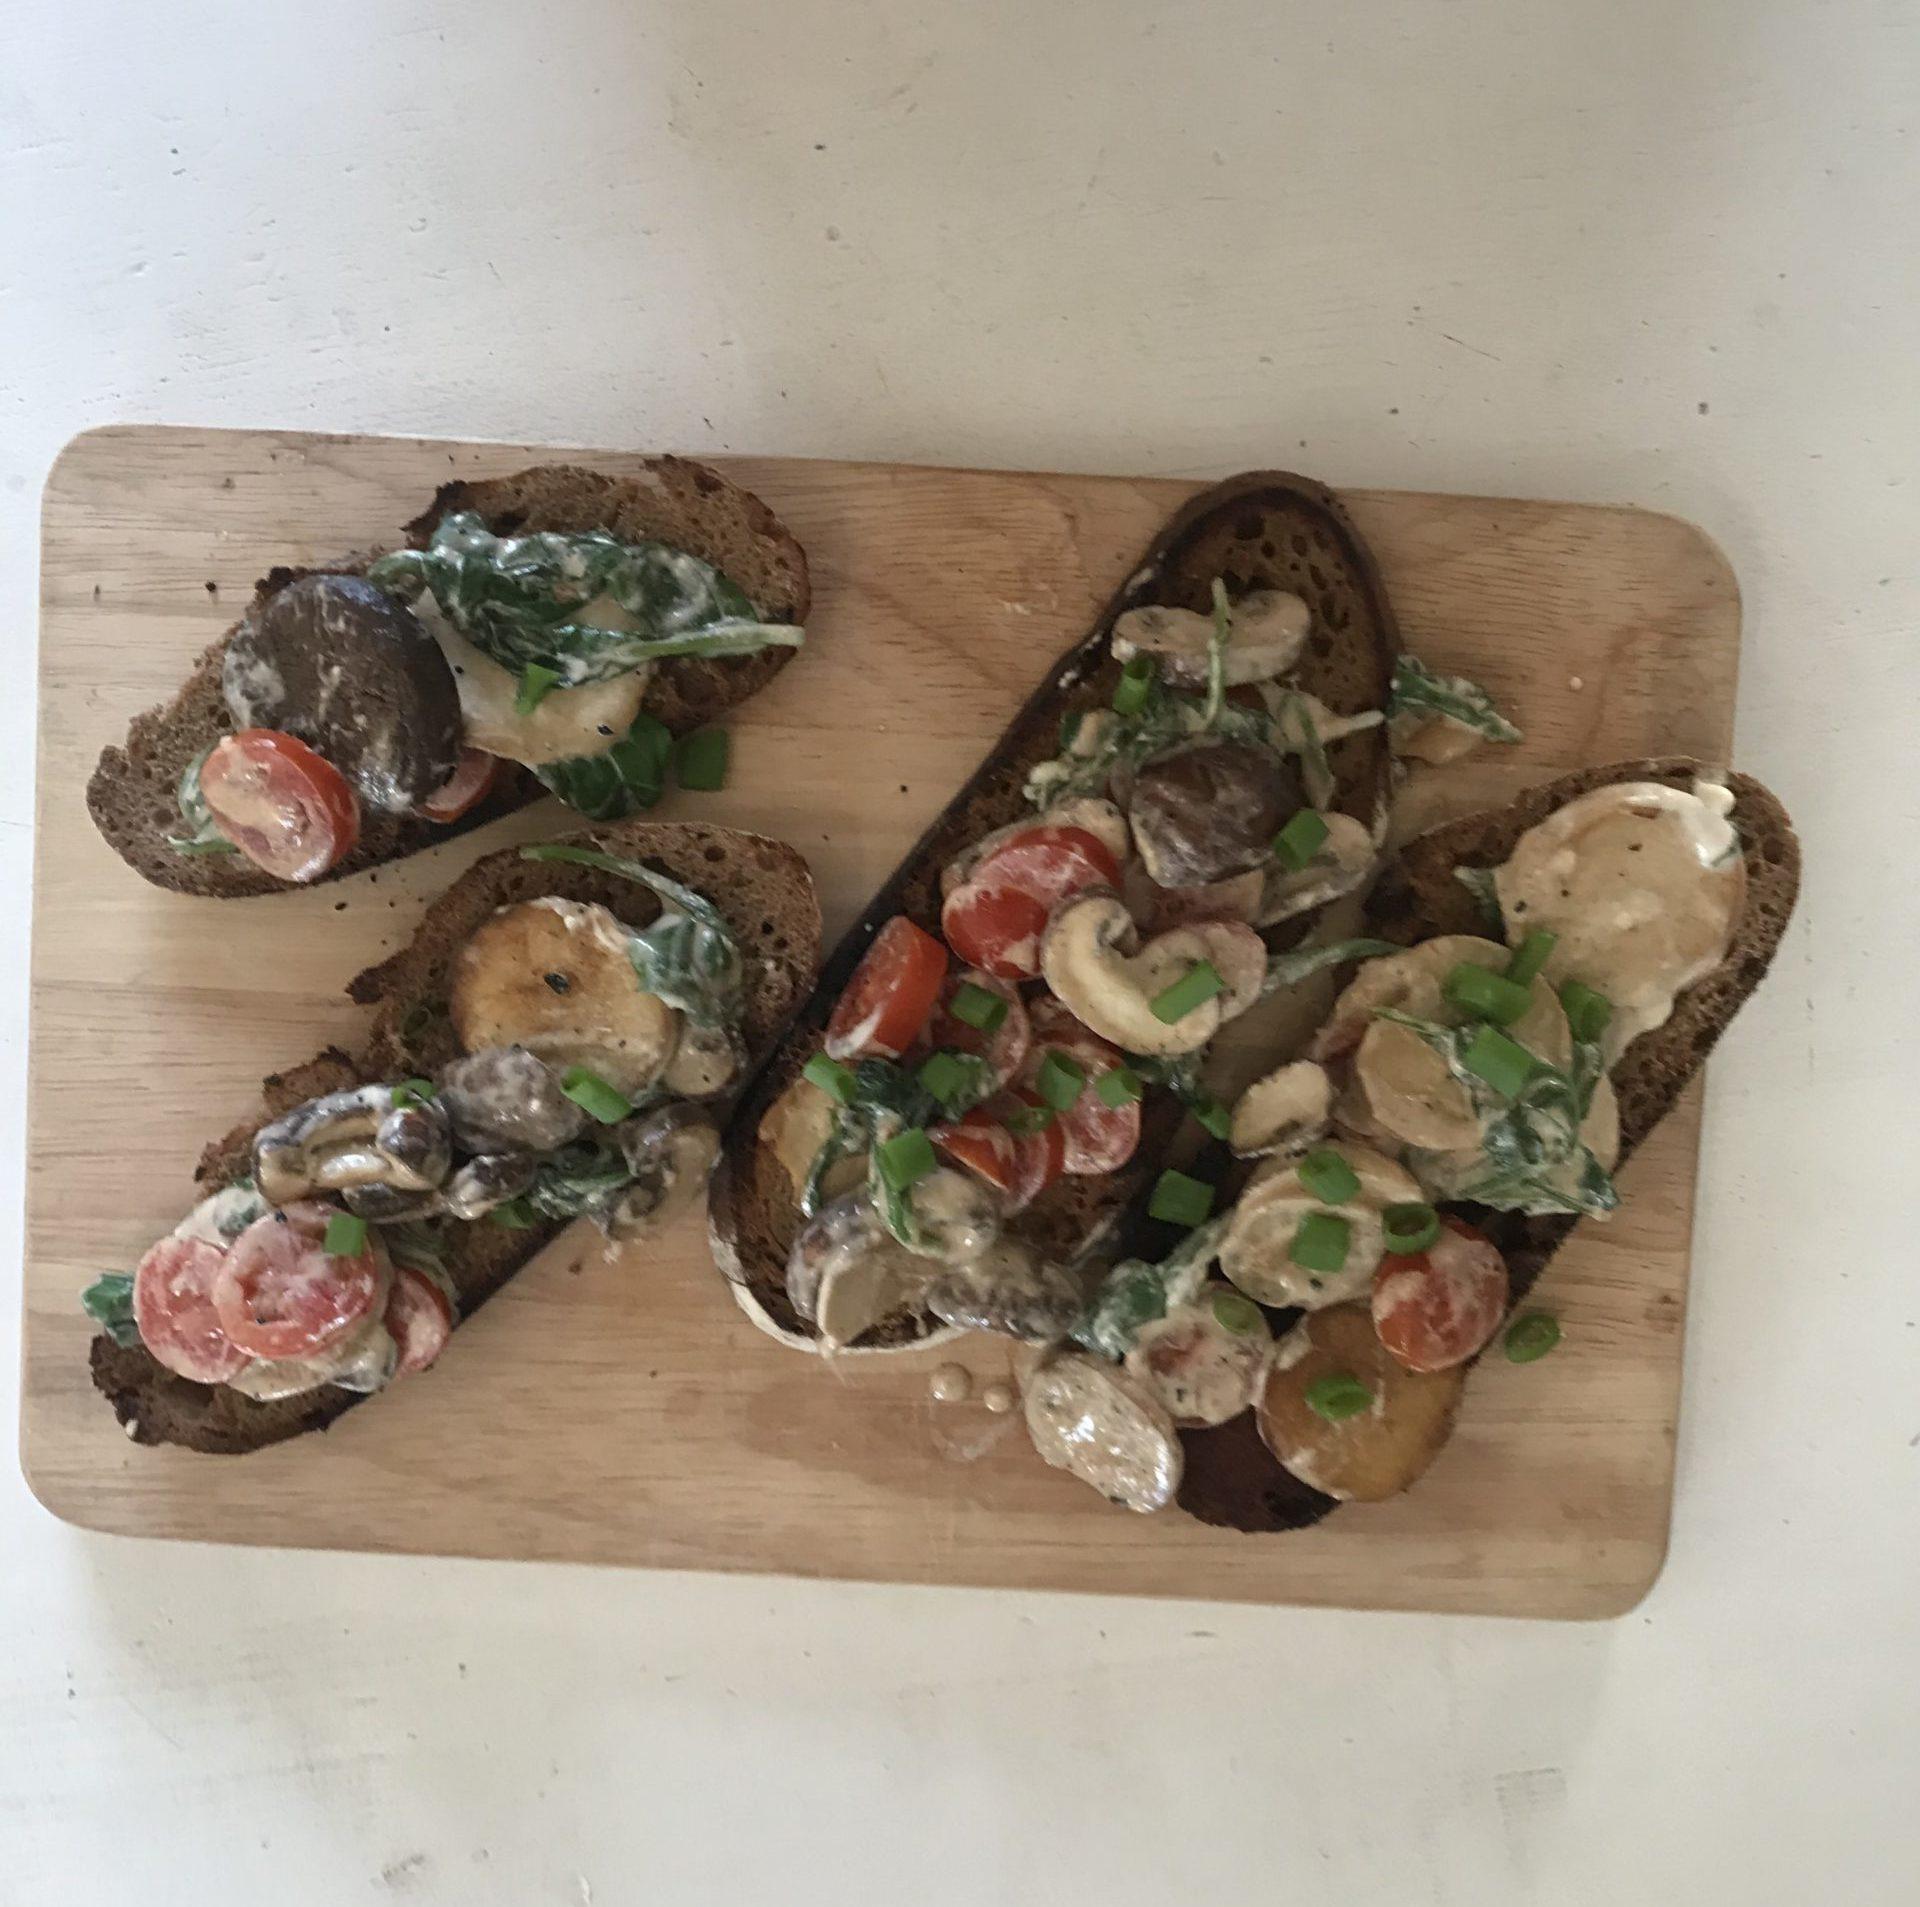 geröstete Brote mit Pilzen, Spinat und Tomaten